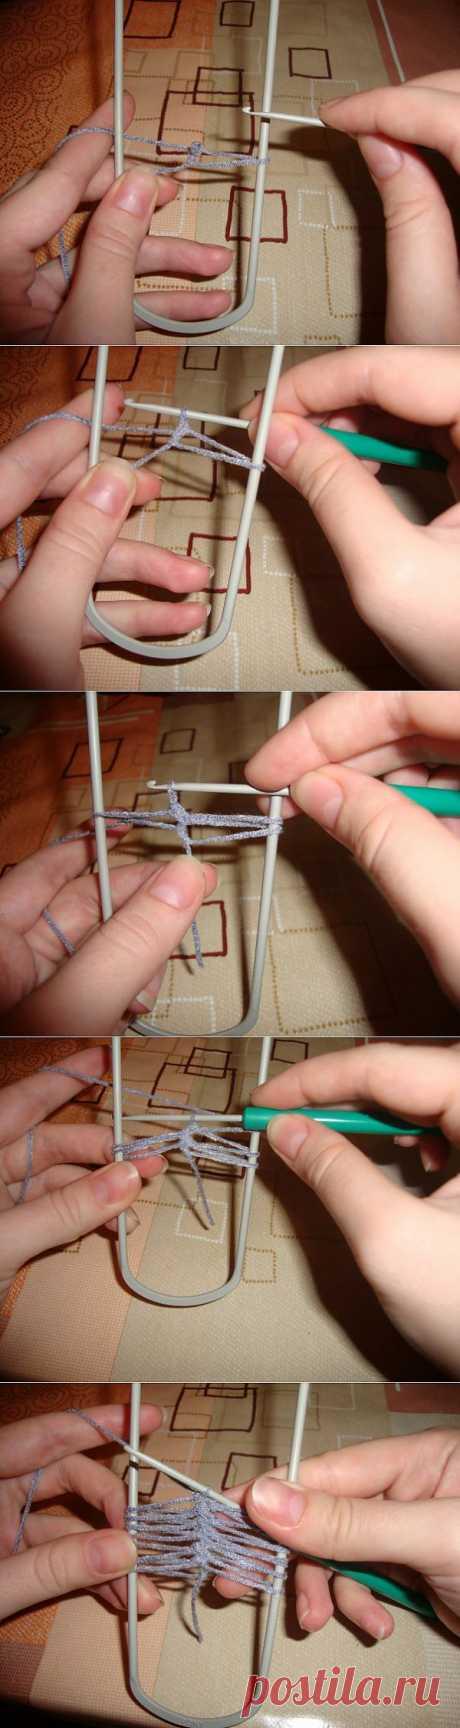 La lección №1 - para los principiantes tejer sobre el tenedor - la Feria de los Maestros - la labor a mano, handmade